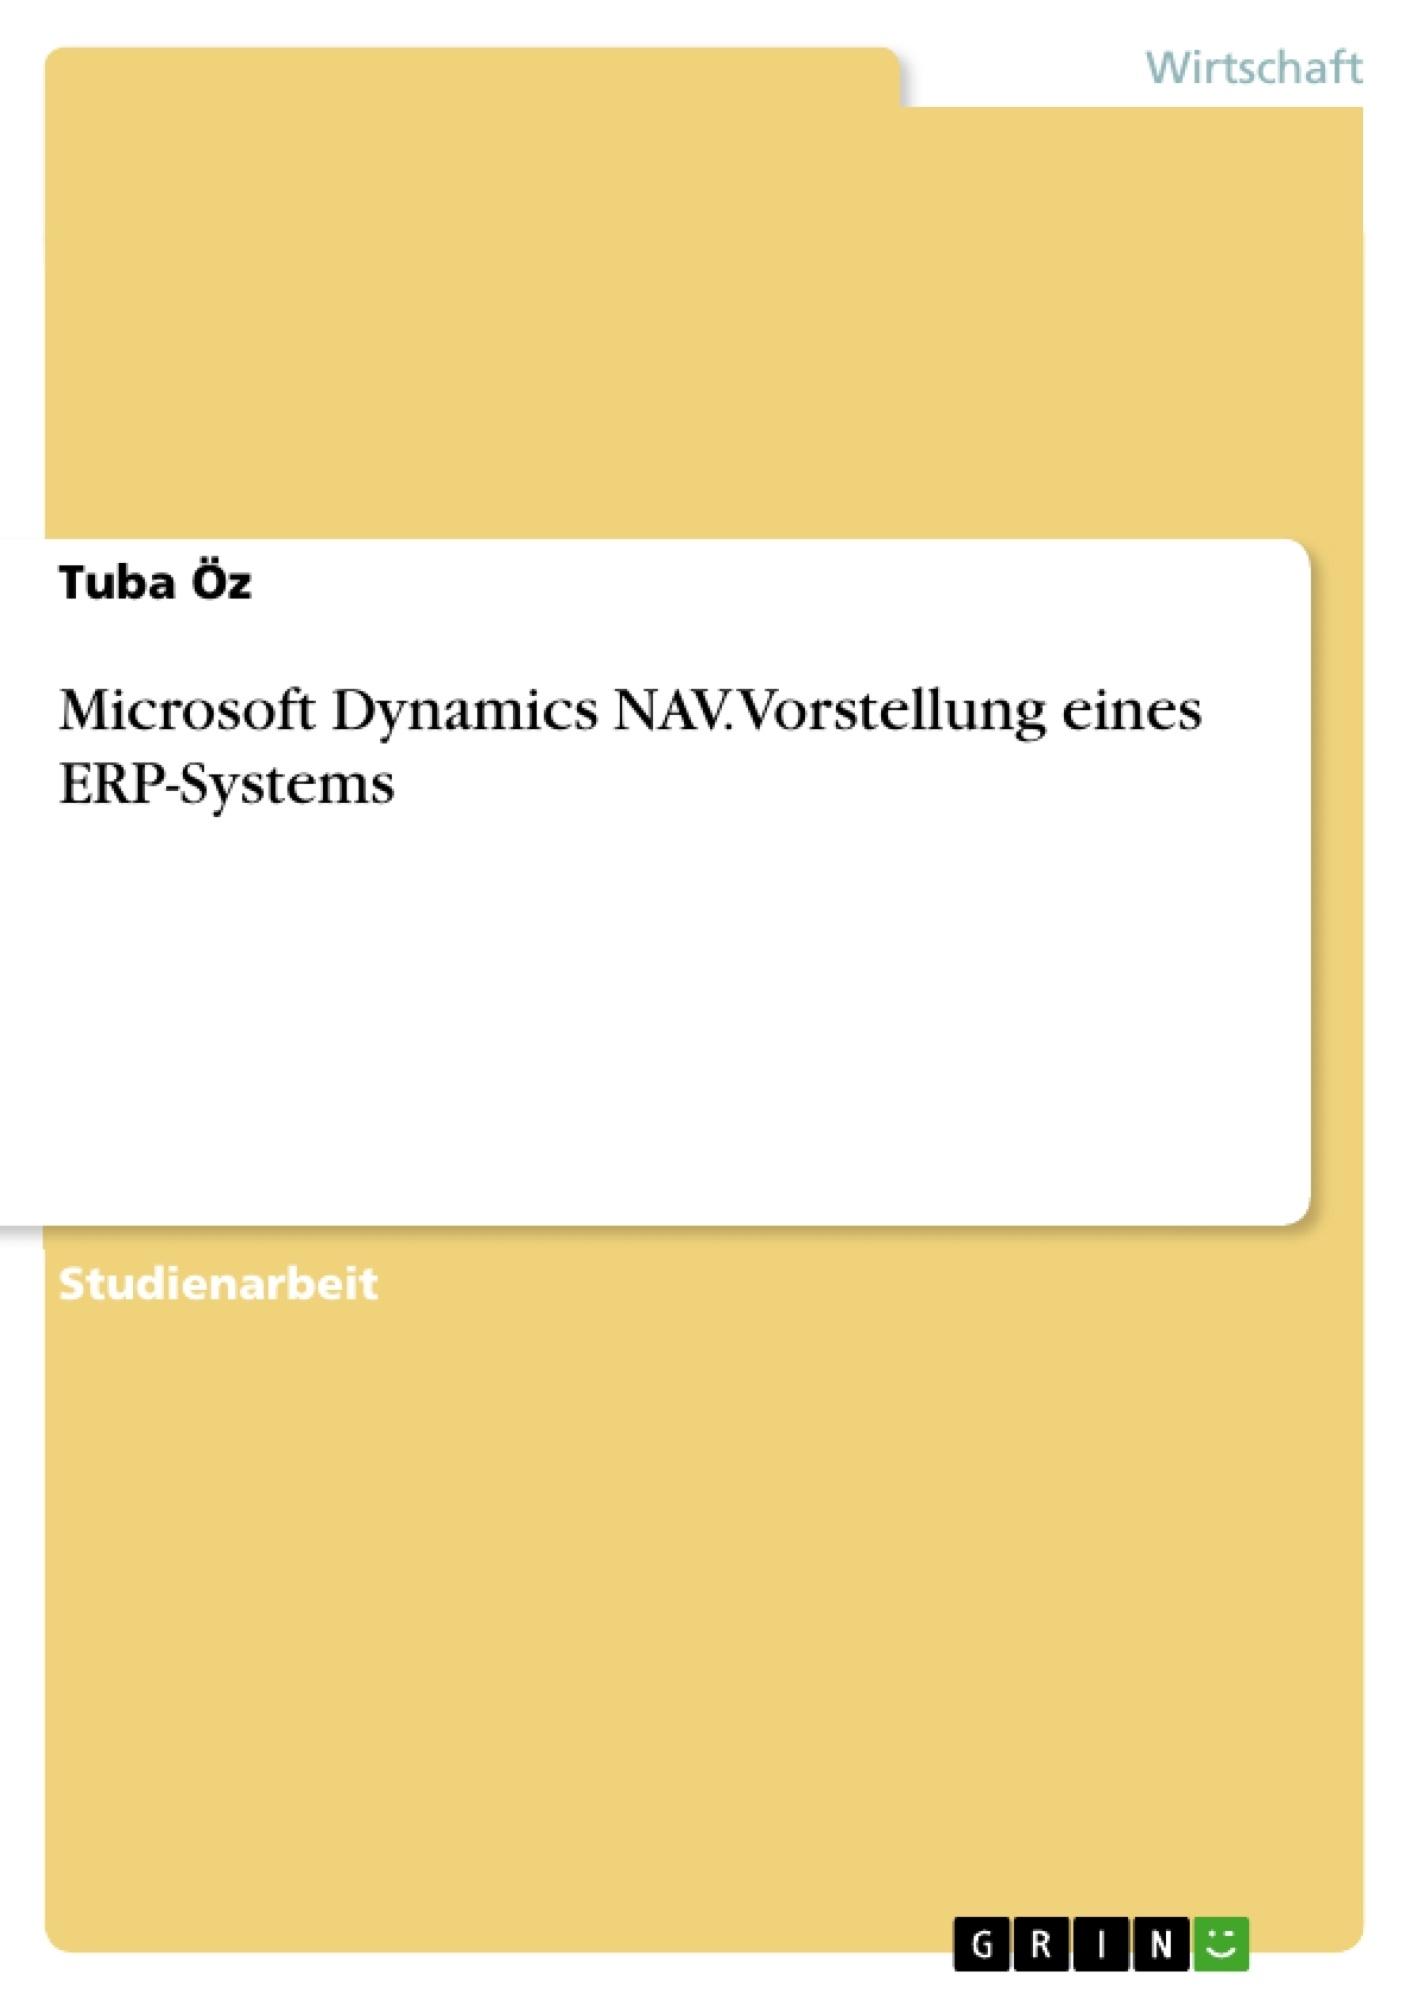 Titel: Microsoft Dynamics NAV. Vorstellung eines ERP-Systems